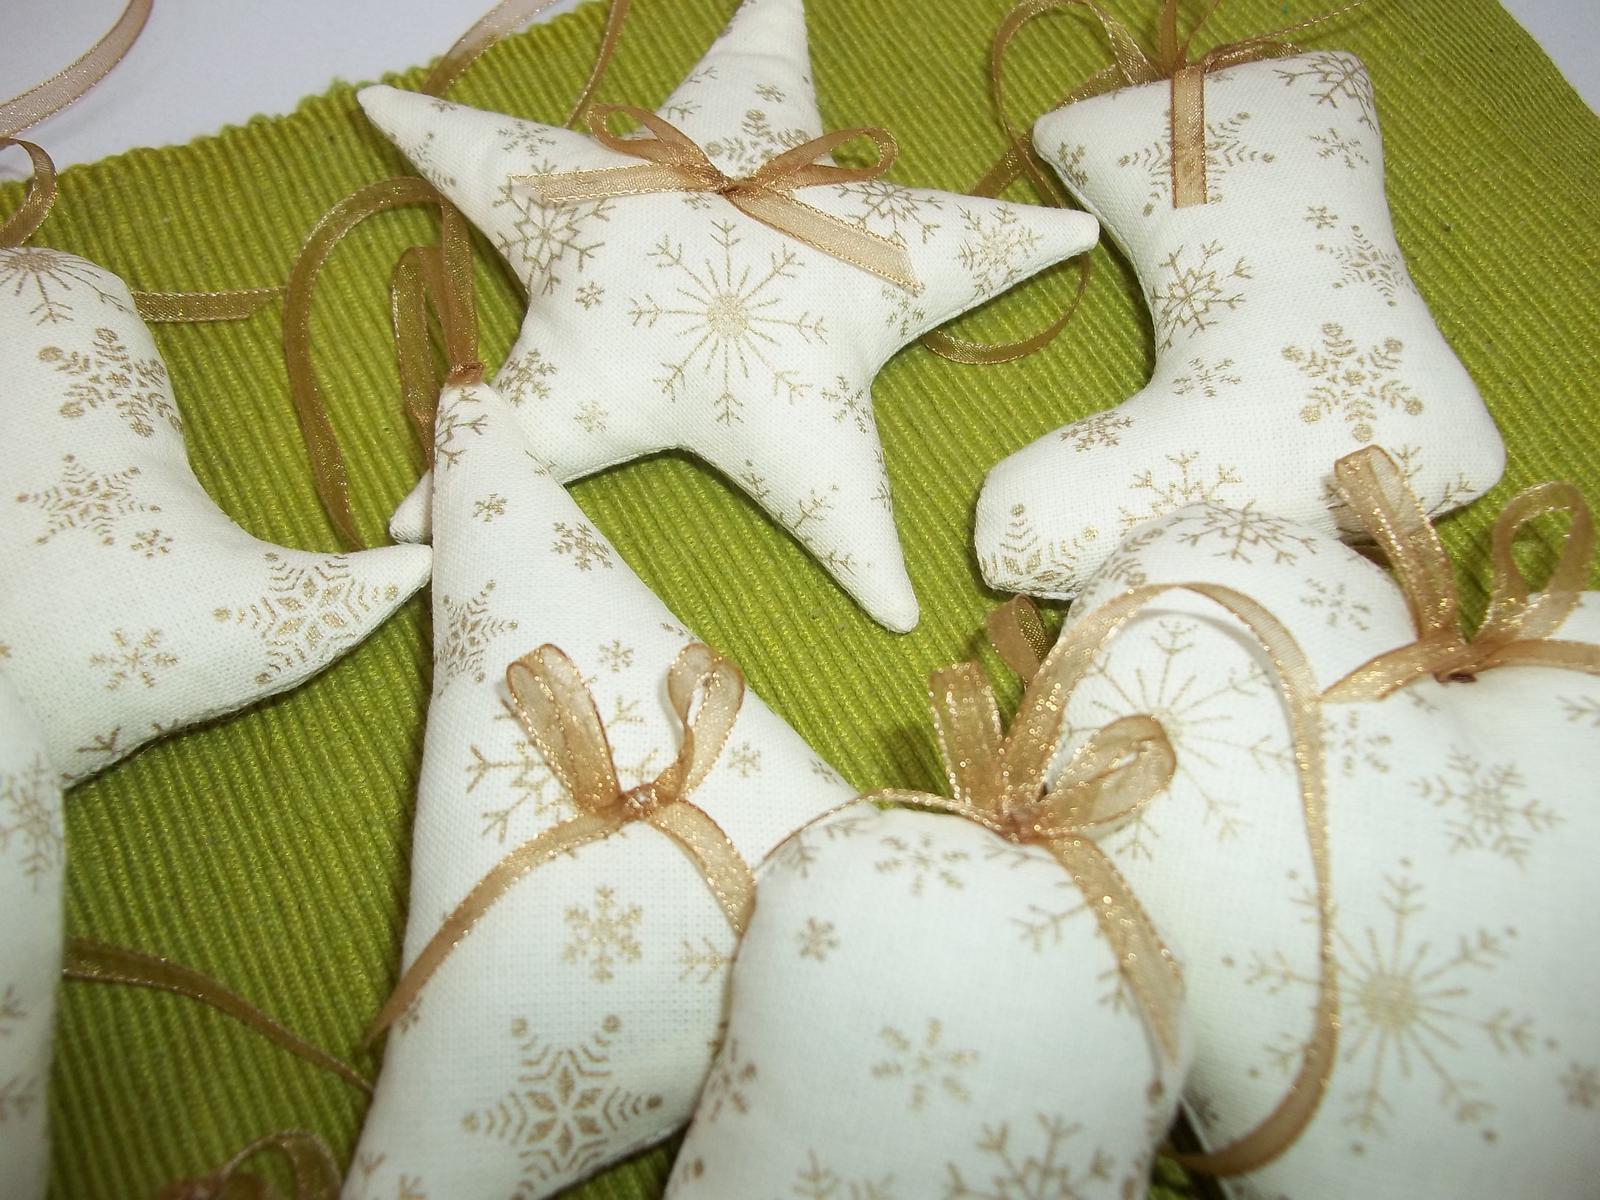 Krémovo zlaté vianočné ozdôbky, sada 12ks,s poštovným - Obrázok č. 3